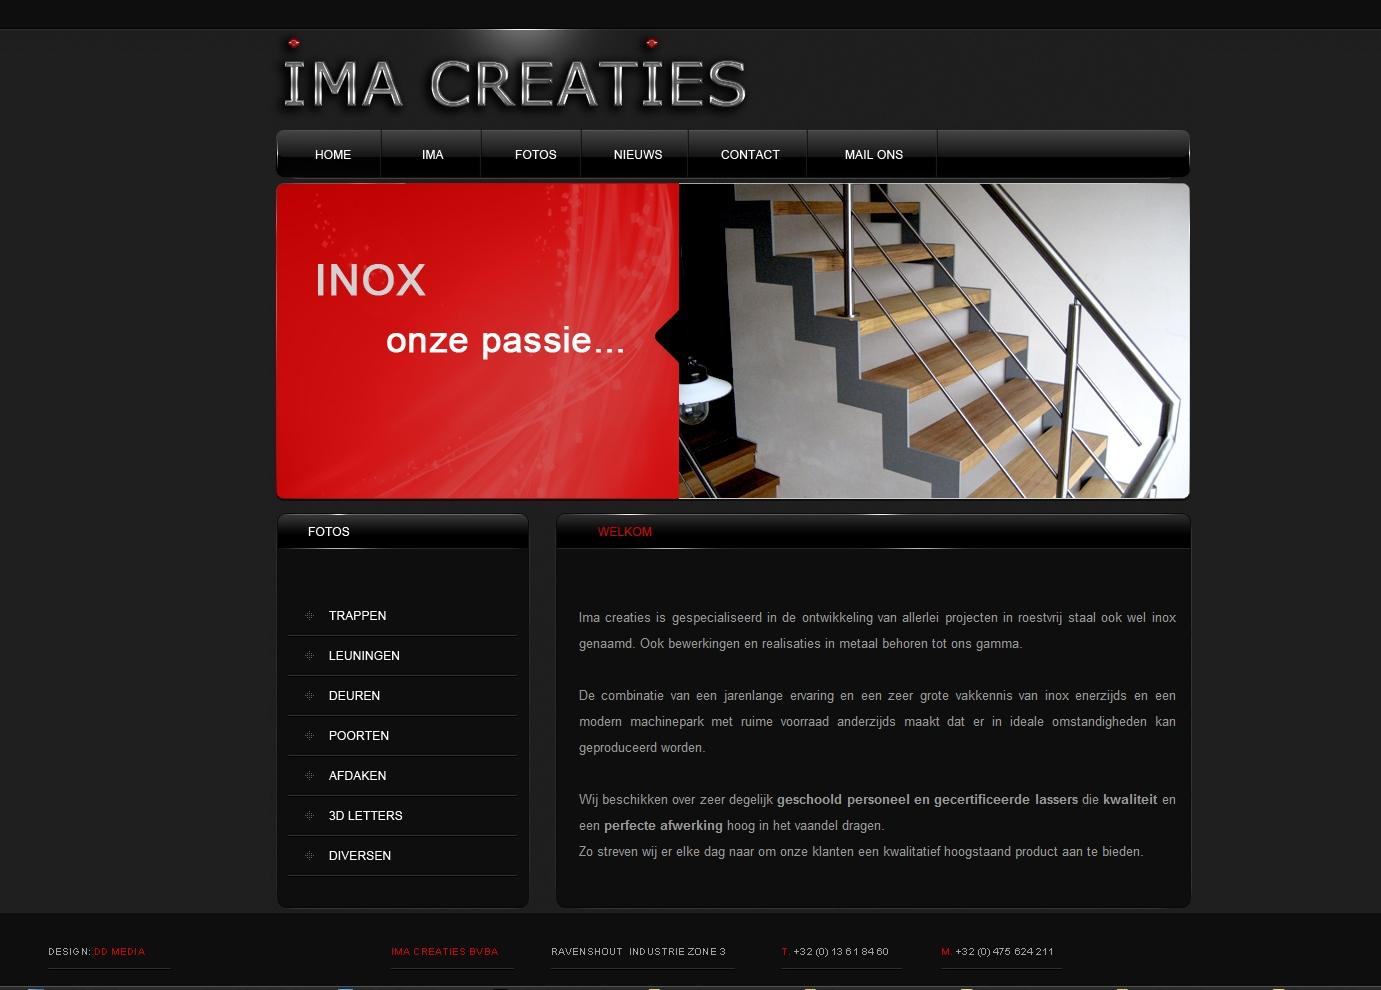 Ima Creaties